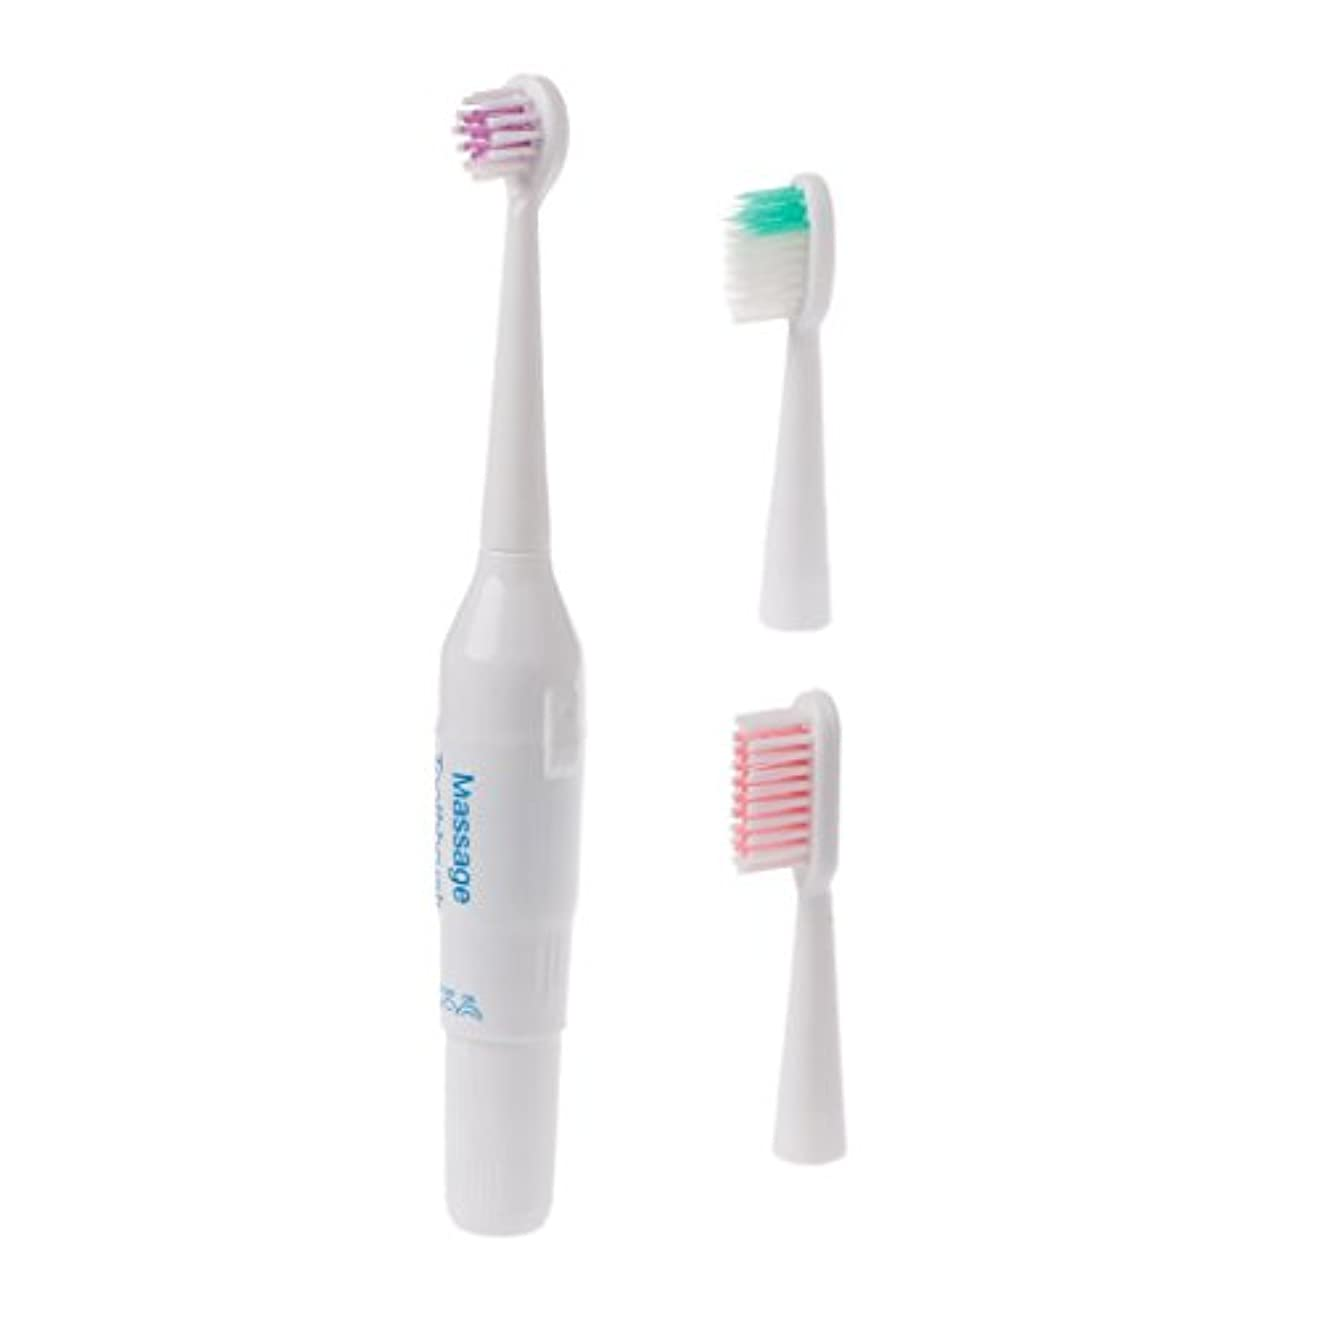 会計士反乱ドルManyao キッズプロフェッショナル口腔ケアクリーン電気歯ブラシパワーベビー用歯ブラシ